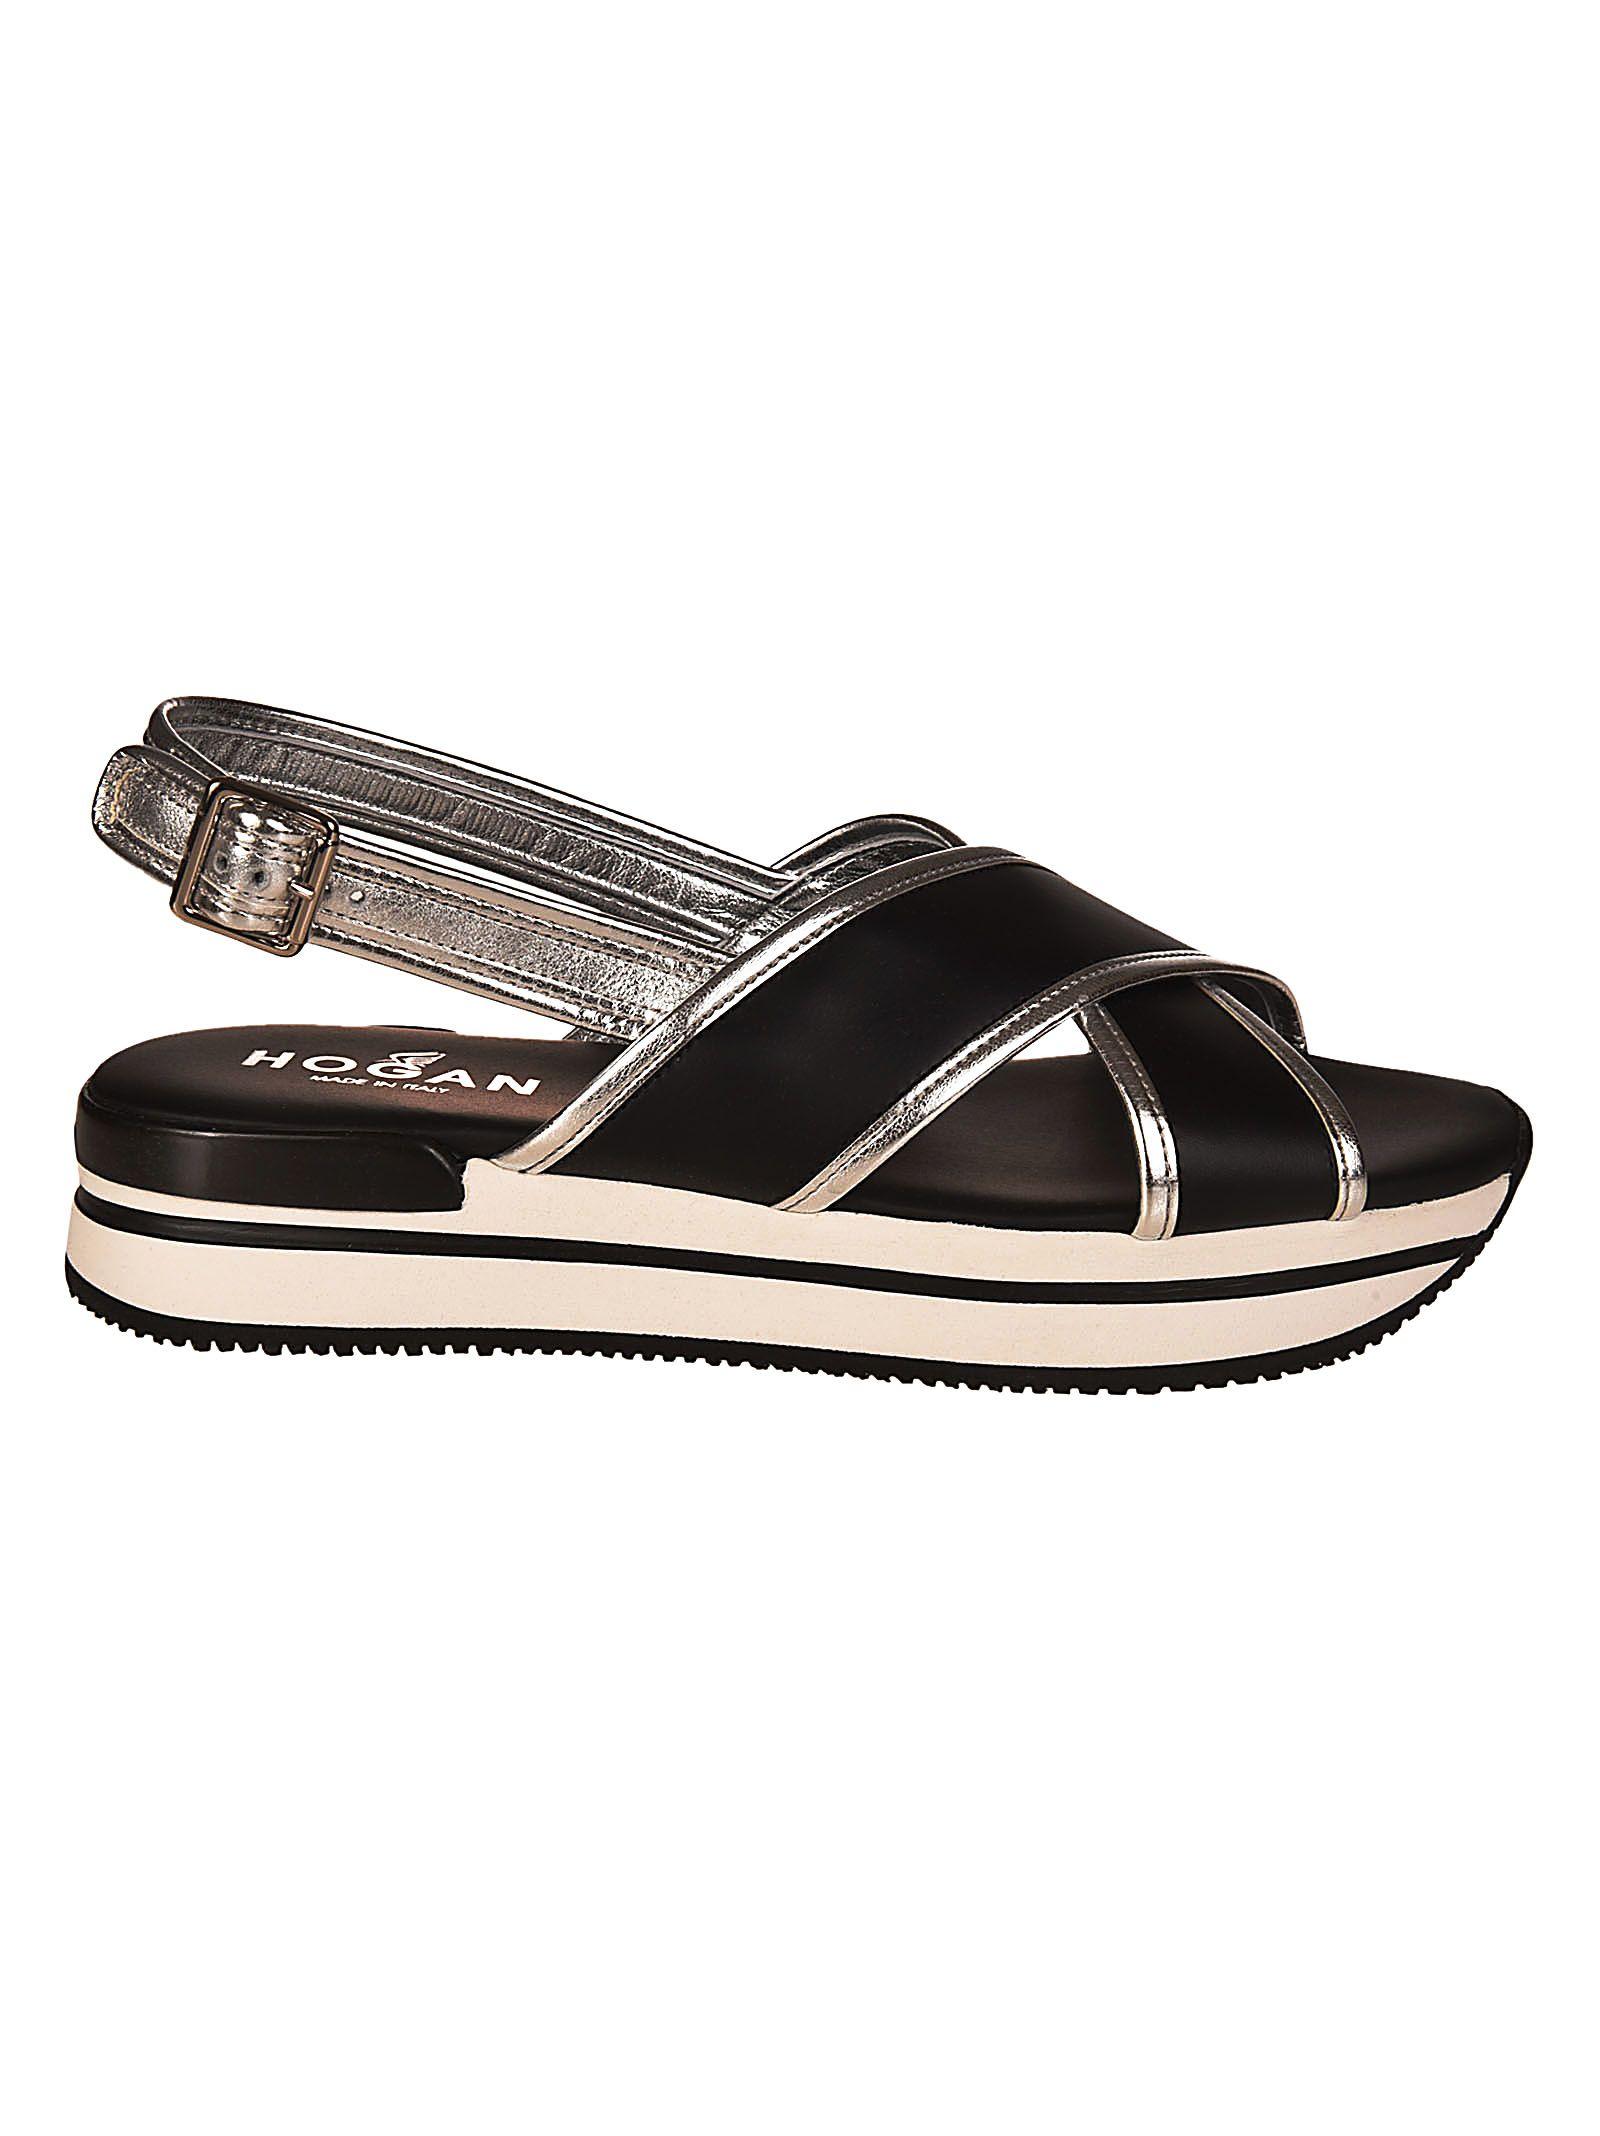 platform slingback sandals - Black Hogan Discount Huge Surprise Authentic Outlet Latest Collections PBkoH